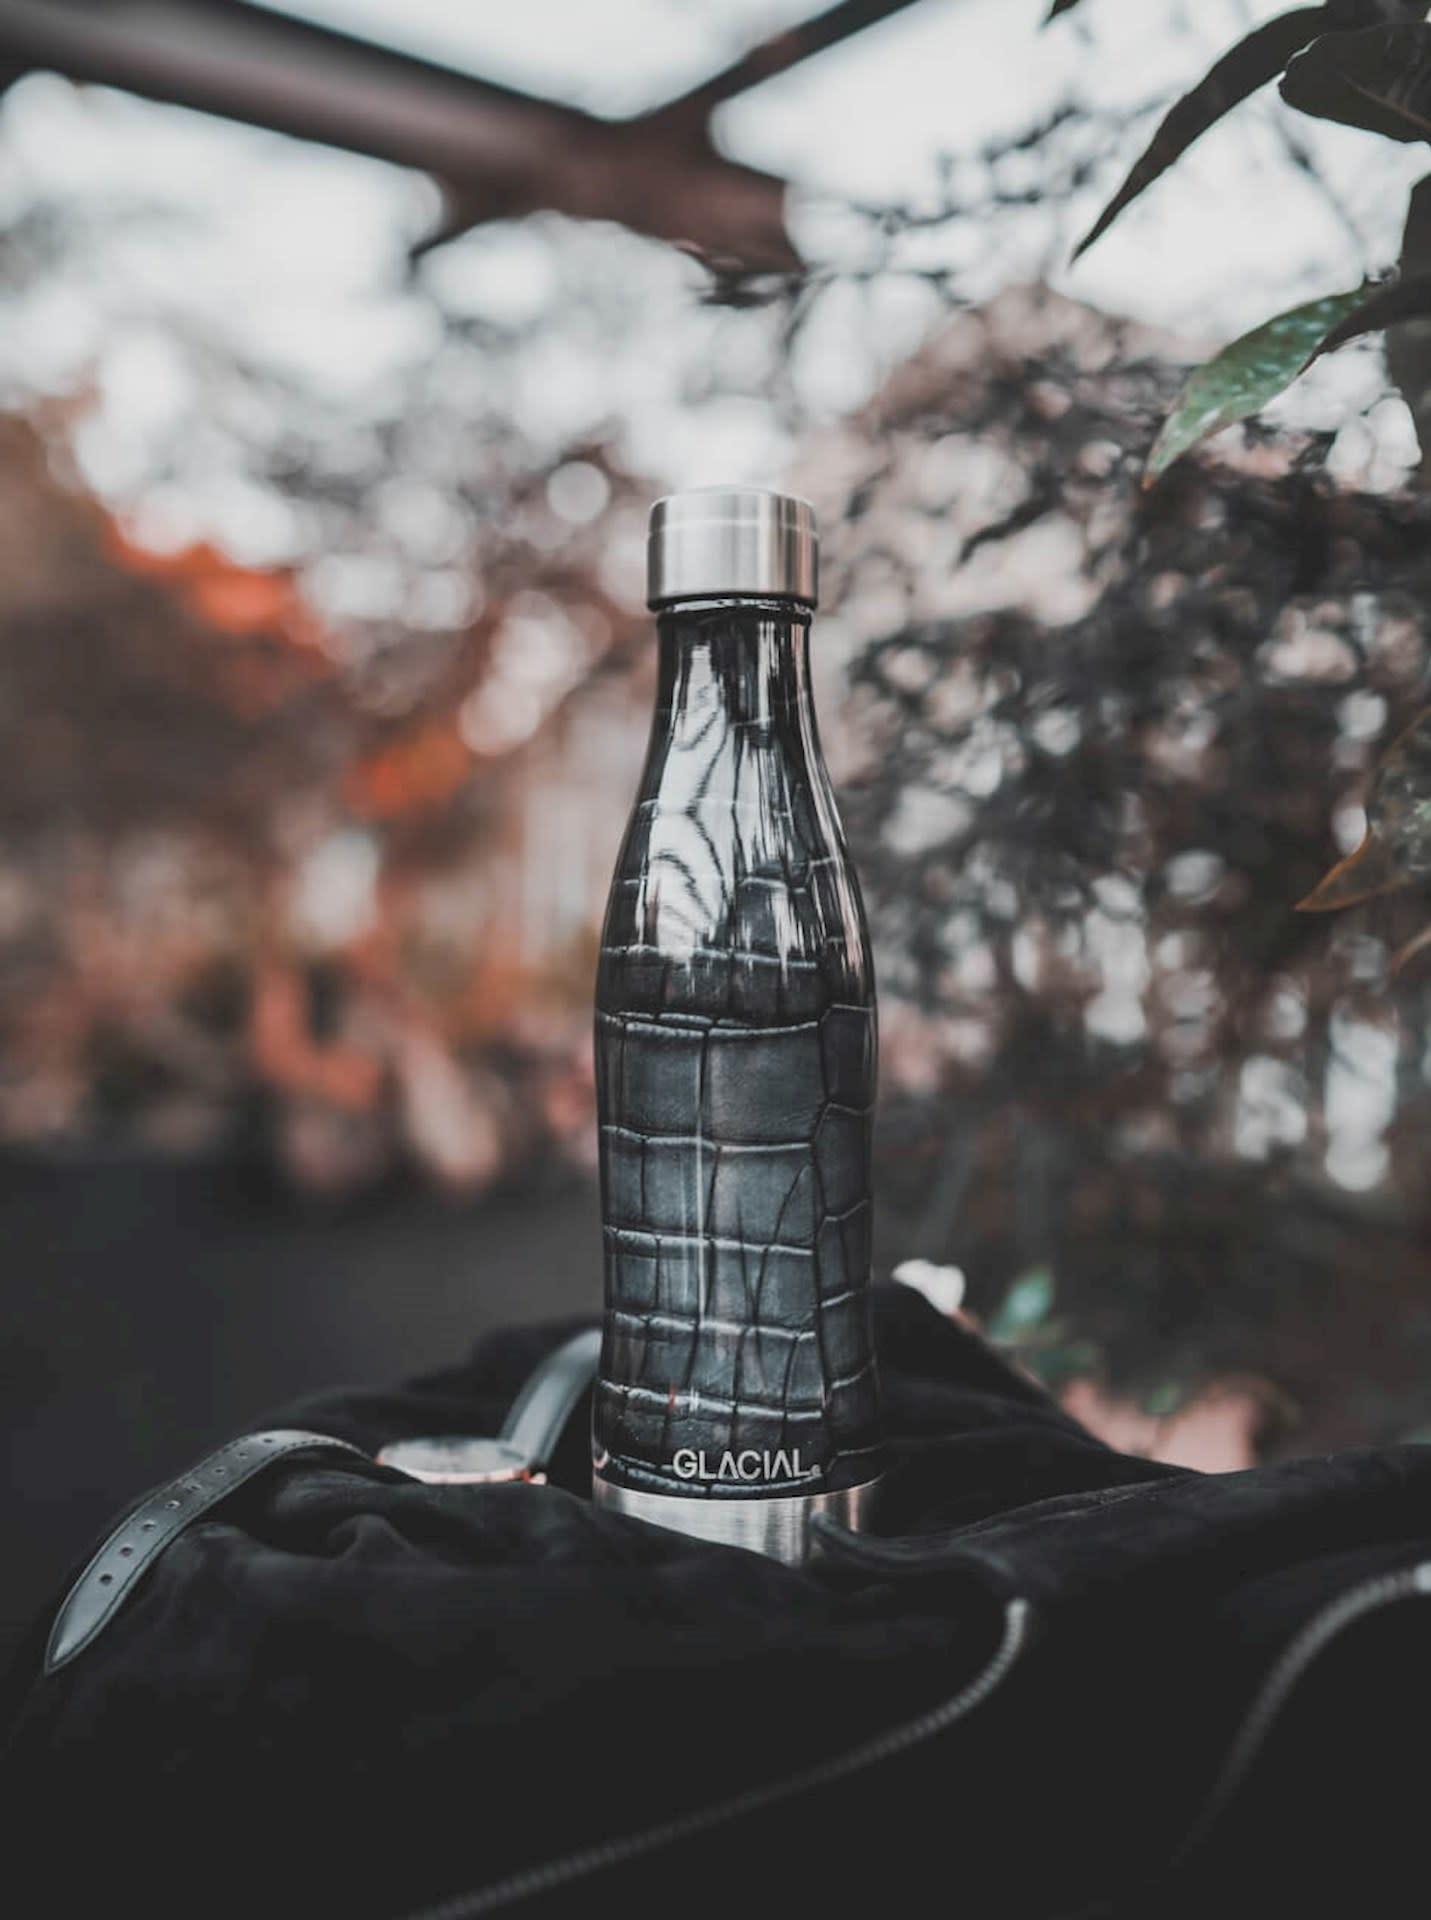 Glacial Glacial Bottle Wild Crocodile